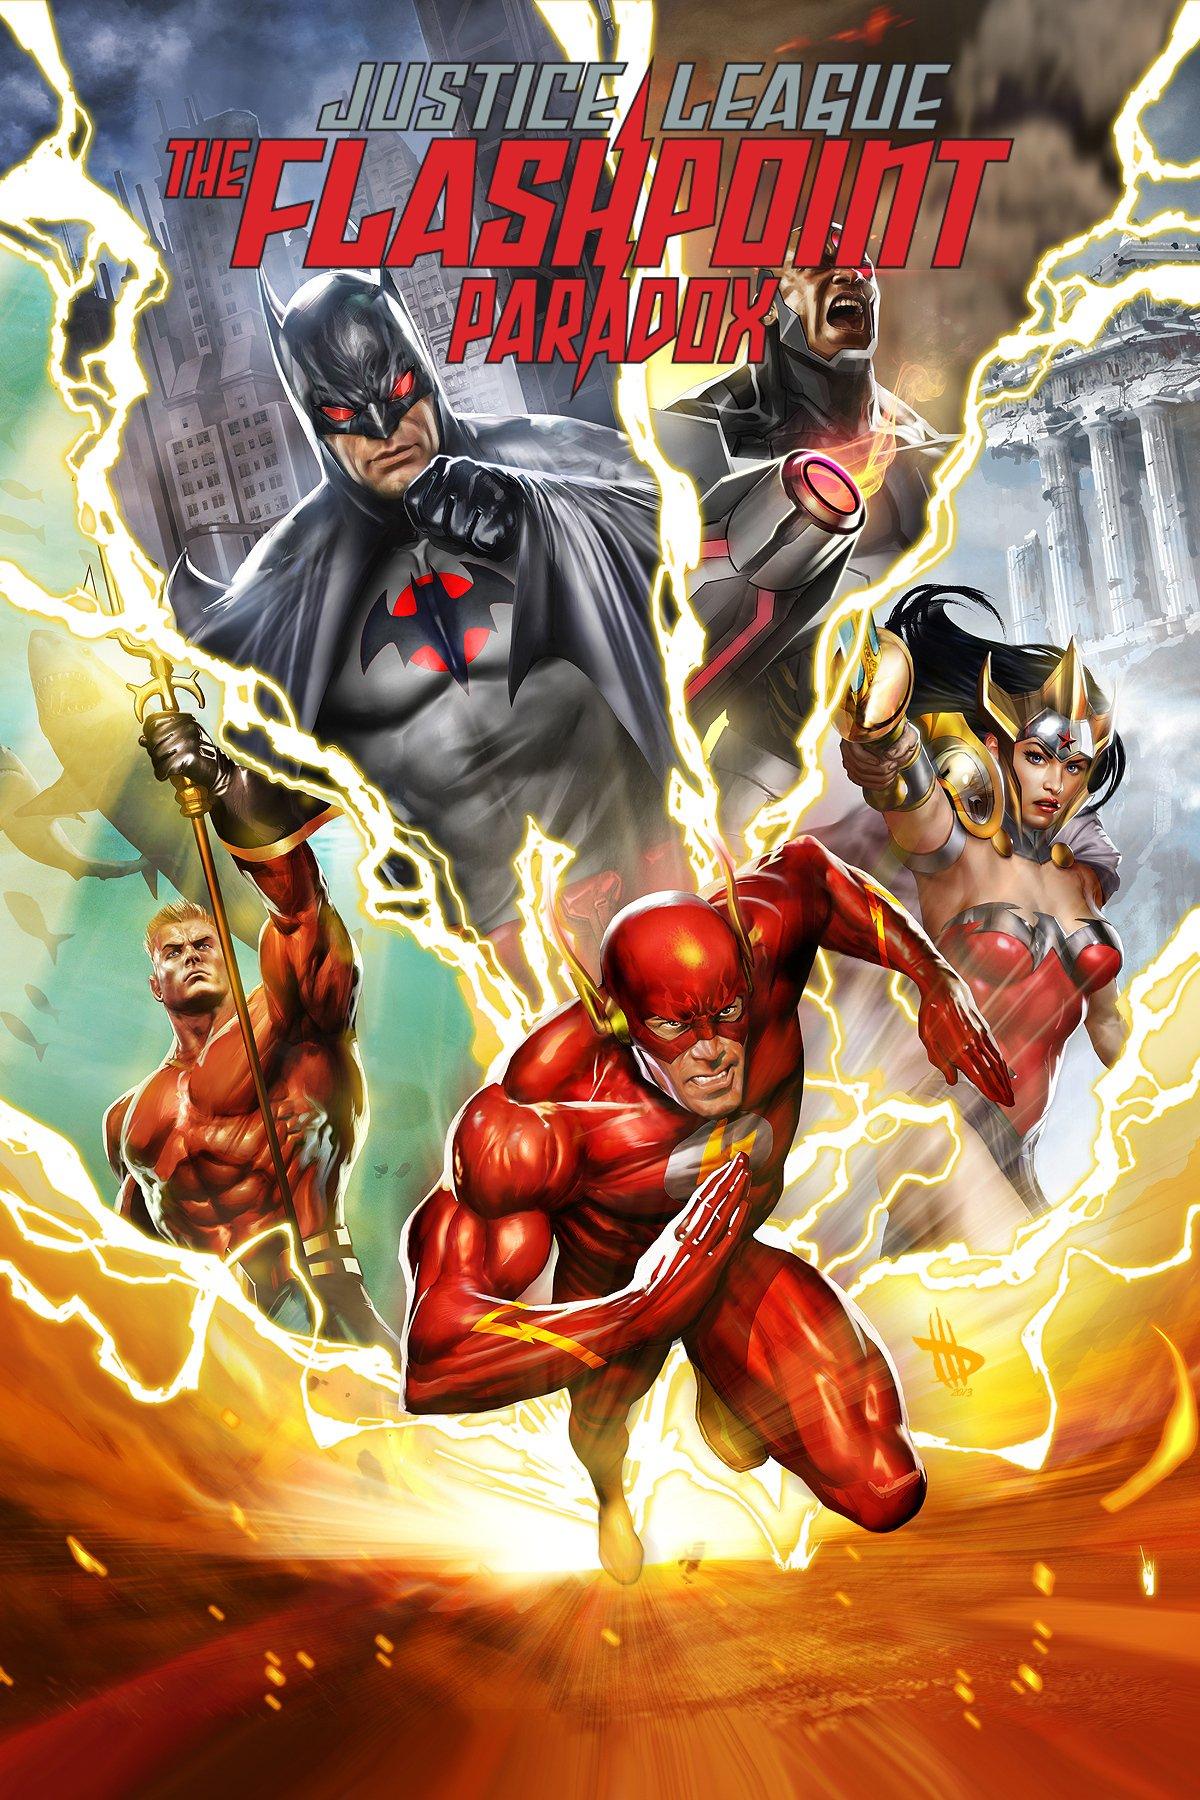 სამართლიანობის ლიგა: კონფლიქტის პარადოქსი / Justice League: The Flashpoint Paradox